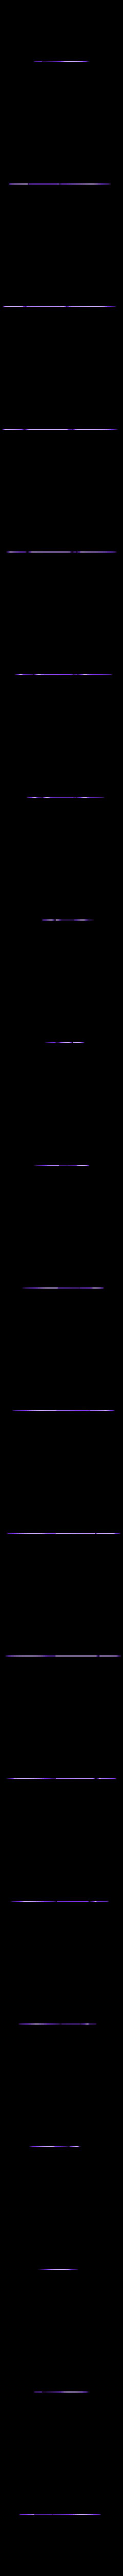 """Int-3.stl Télécharger fichier STL gratuit LED light letters """"Why not?"""" • Objet pour impression 3D, dukedoks"""